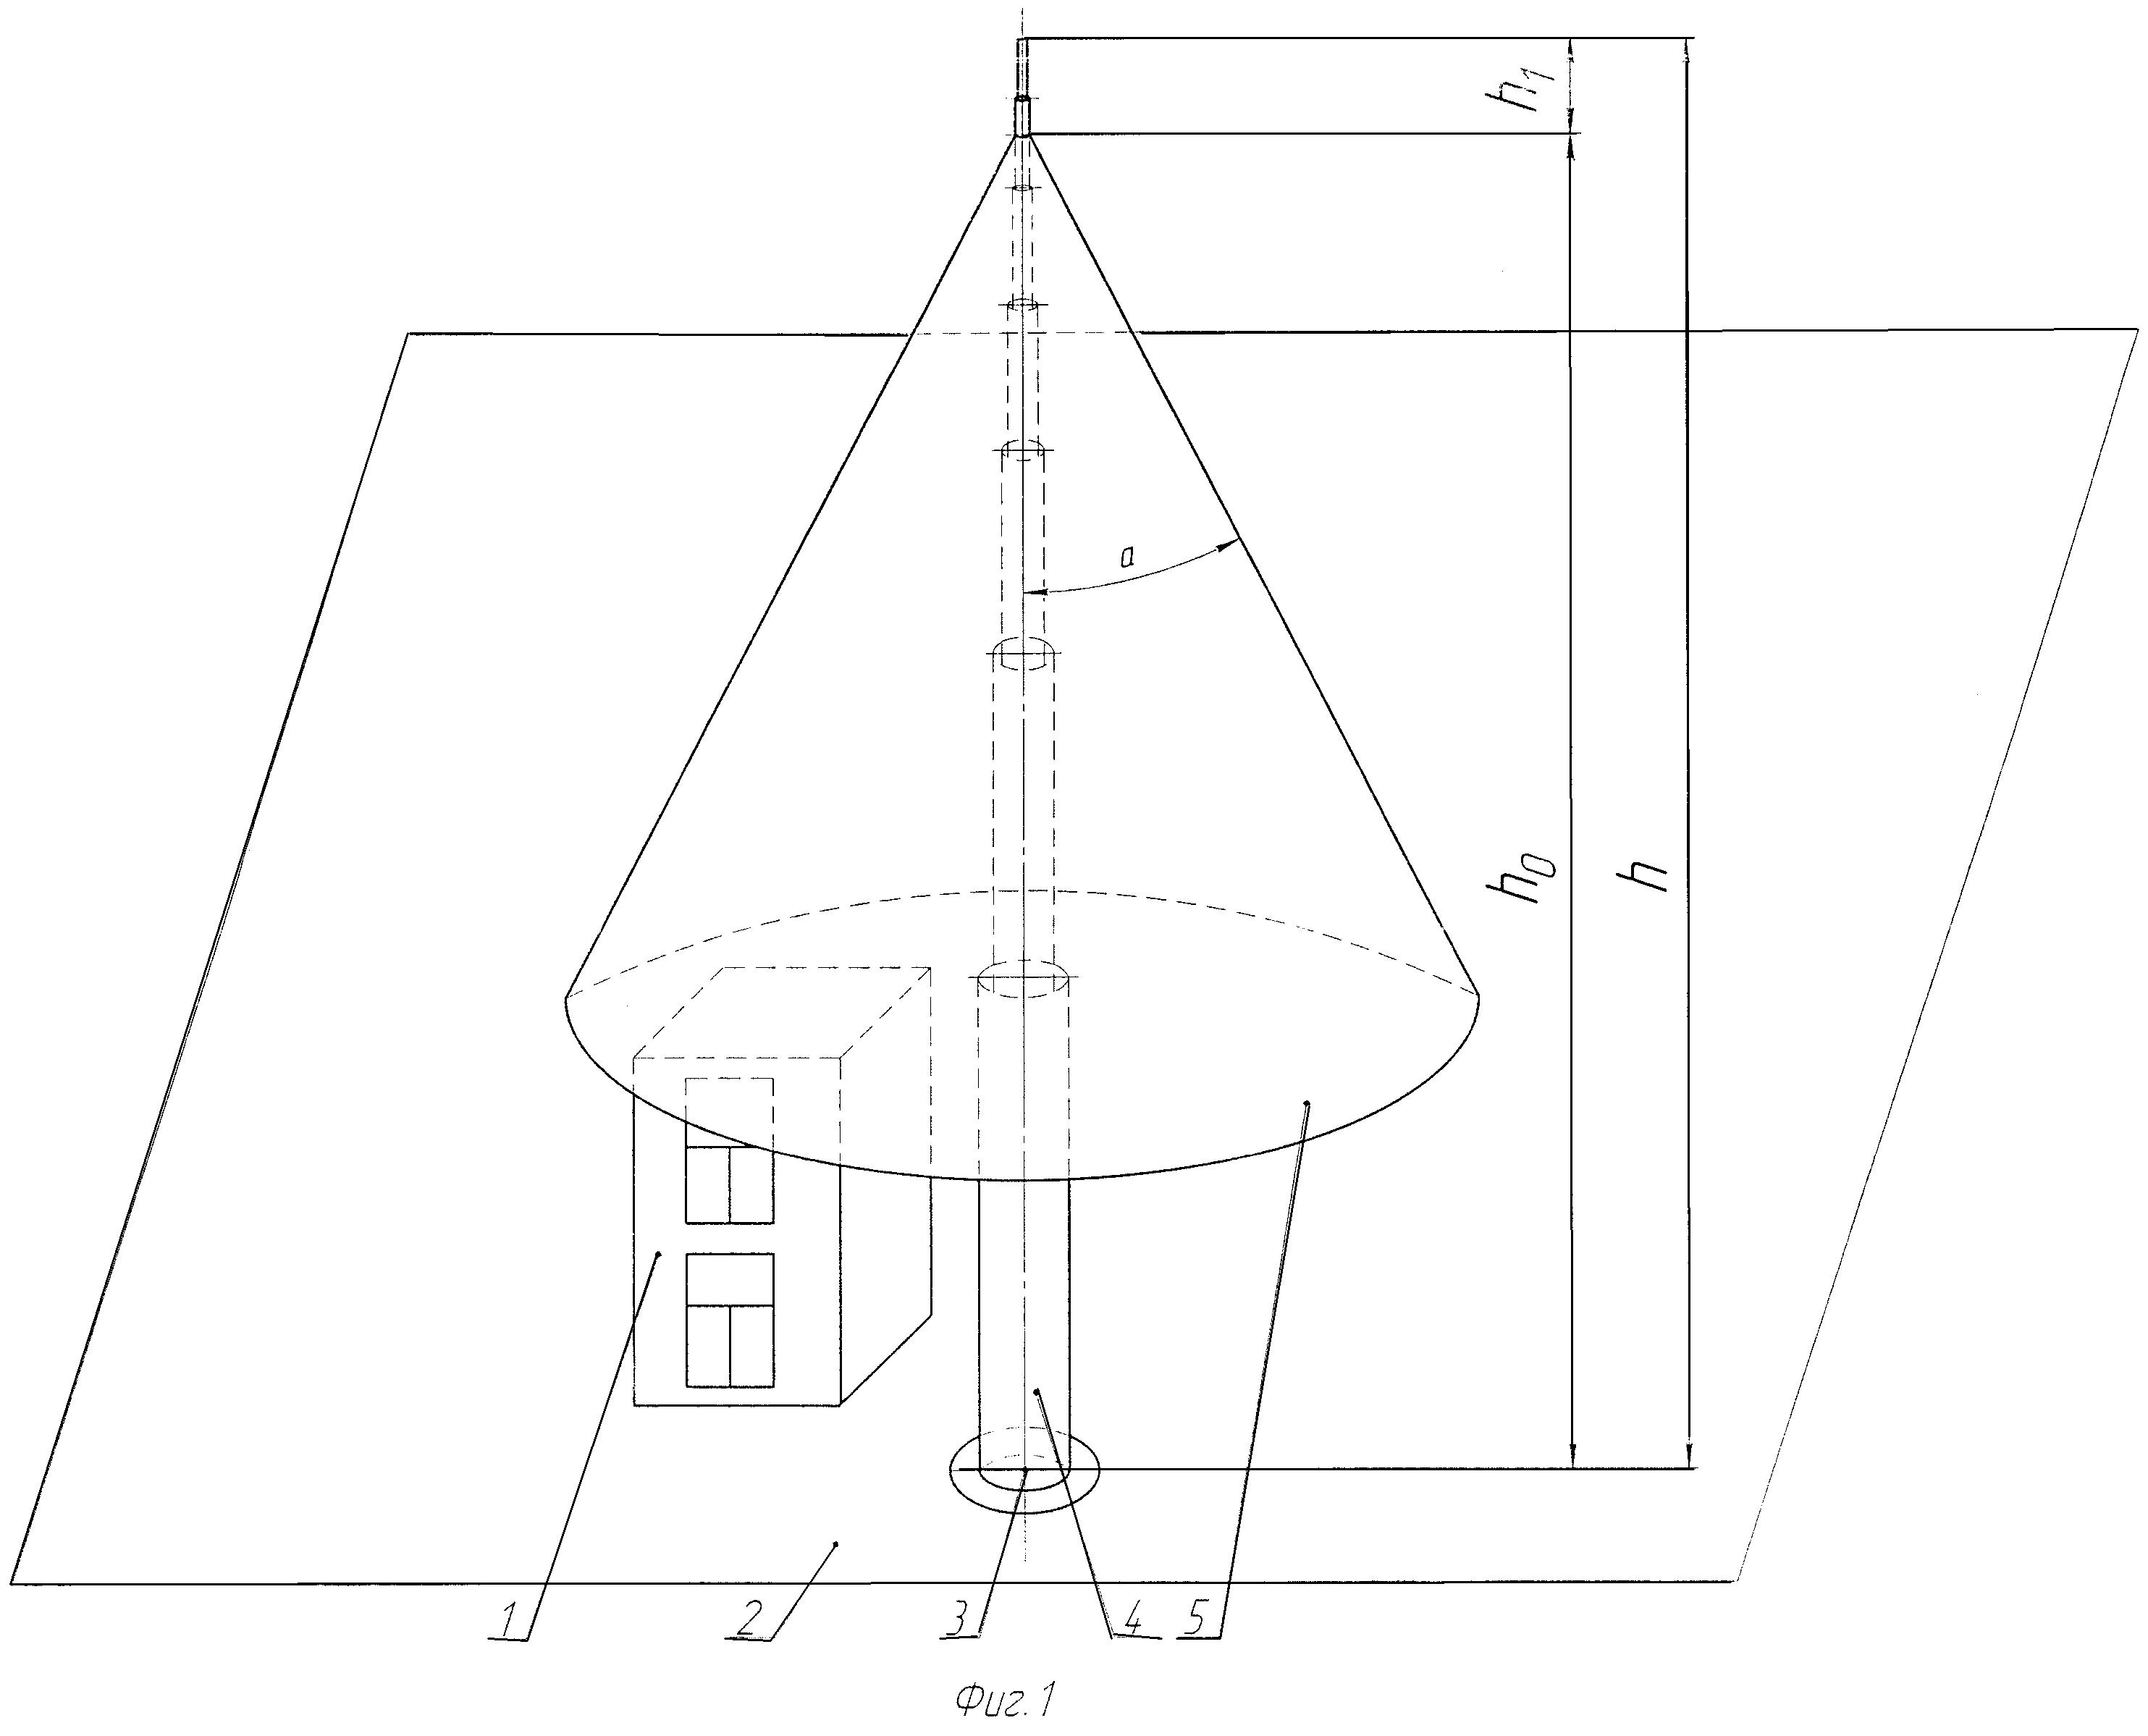 Наглядное пособие для демонстрации принципа работы одиночного стержневого молниеотвода